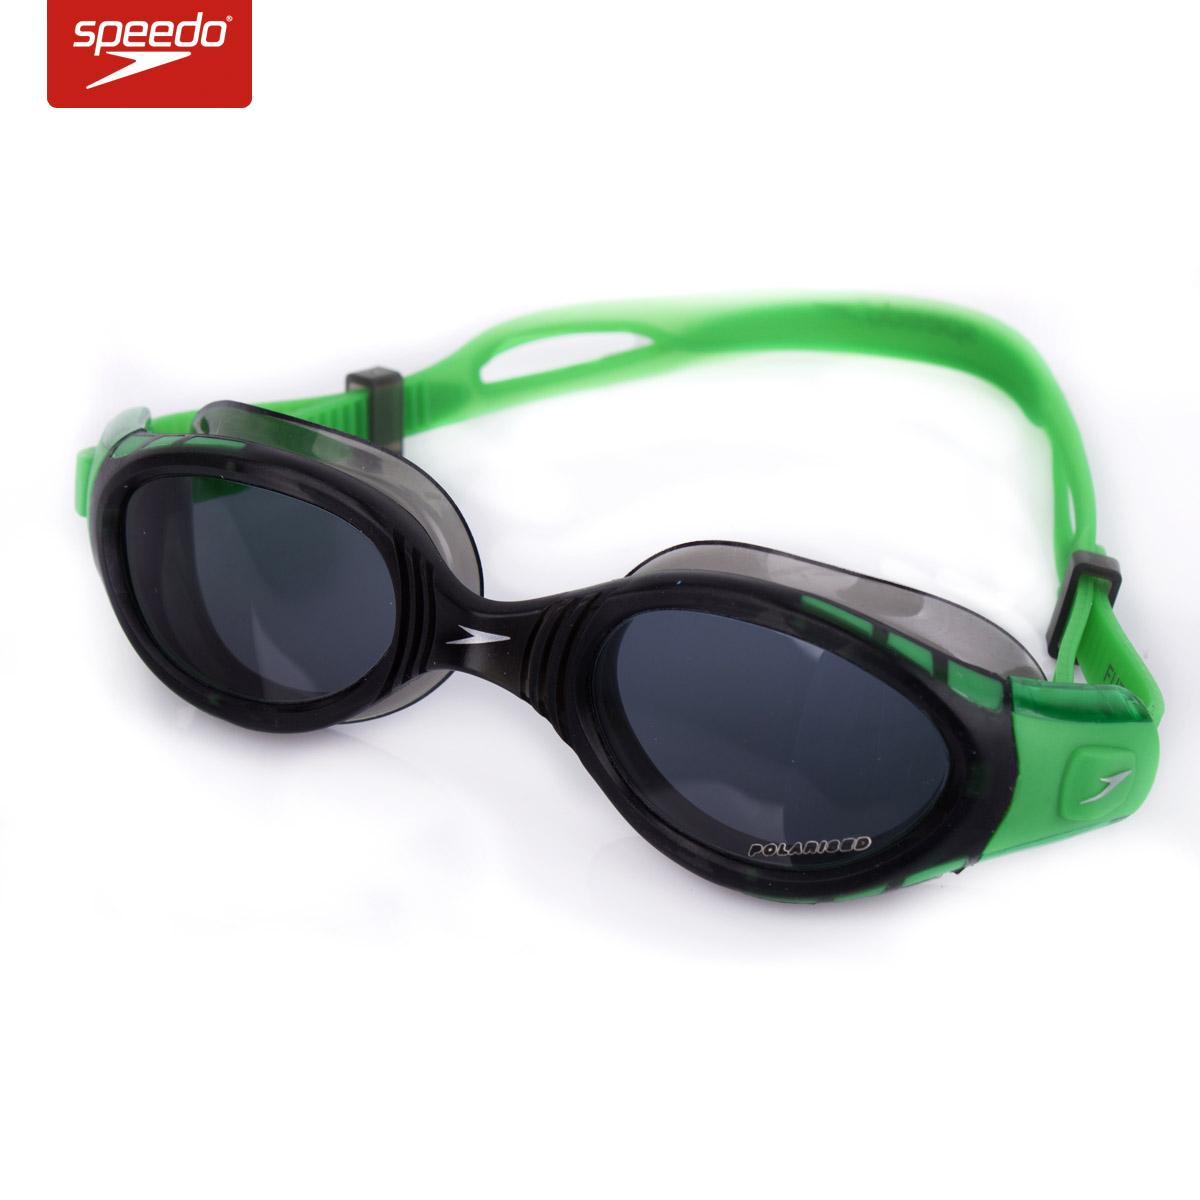 speedo专业训练泳镜大框防雾水舒适游泳眼镜男女士游泳眼睛313004